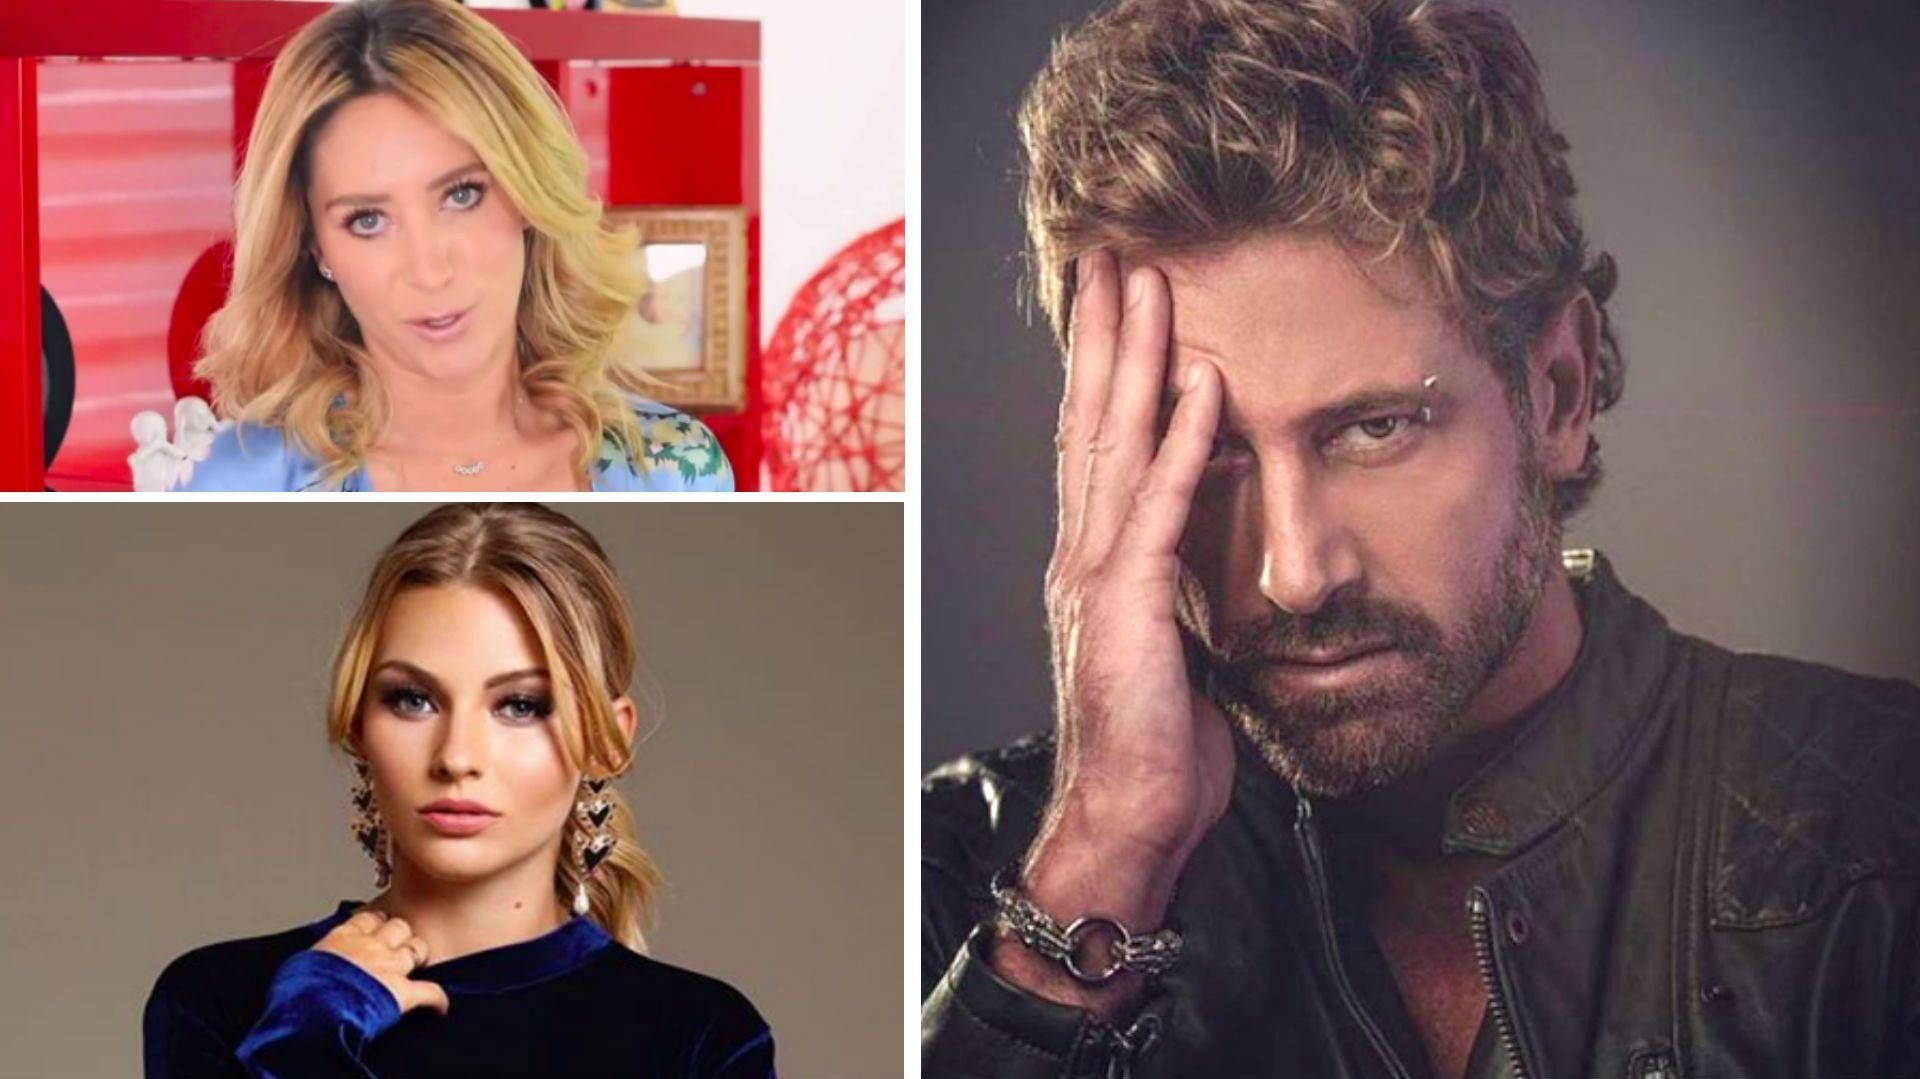 El escándalo por los detalles de la presunta infidelidad del galán de telenovelasha estado en boca de todos (Foto: Instagram)